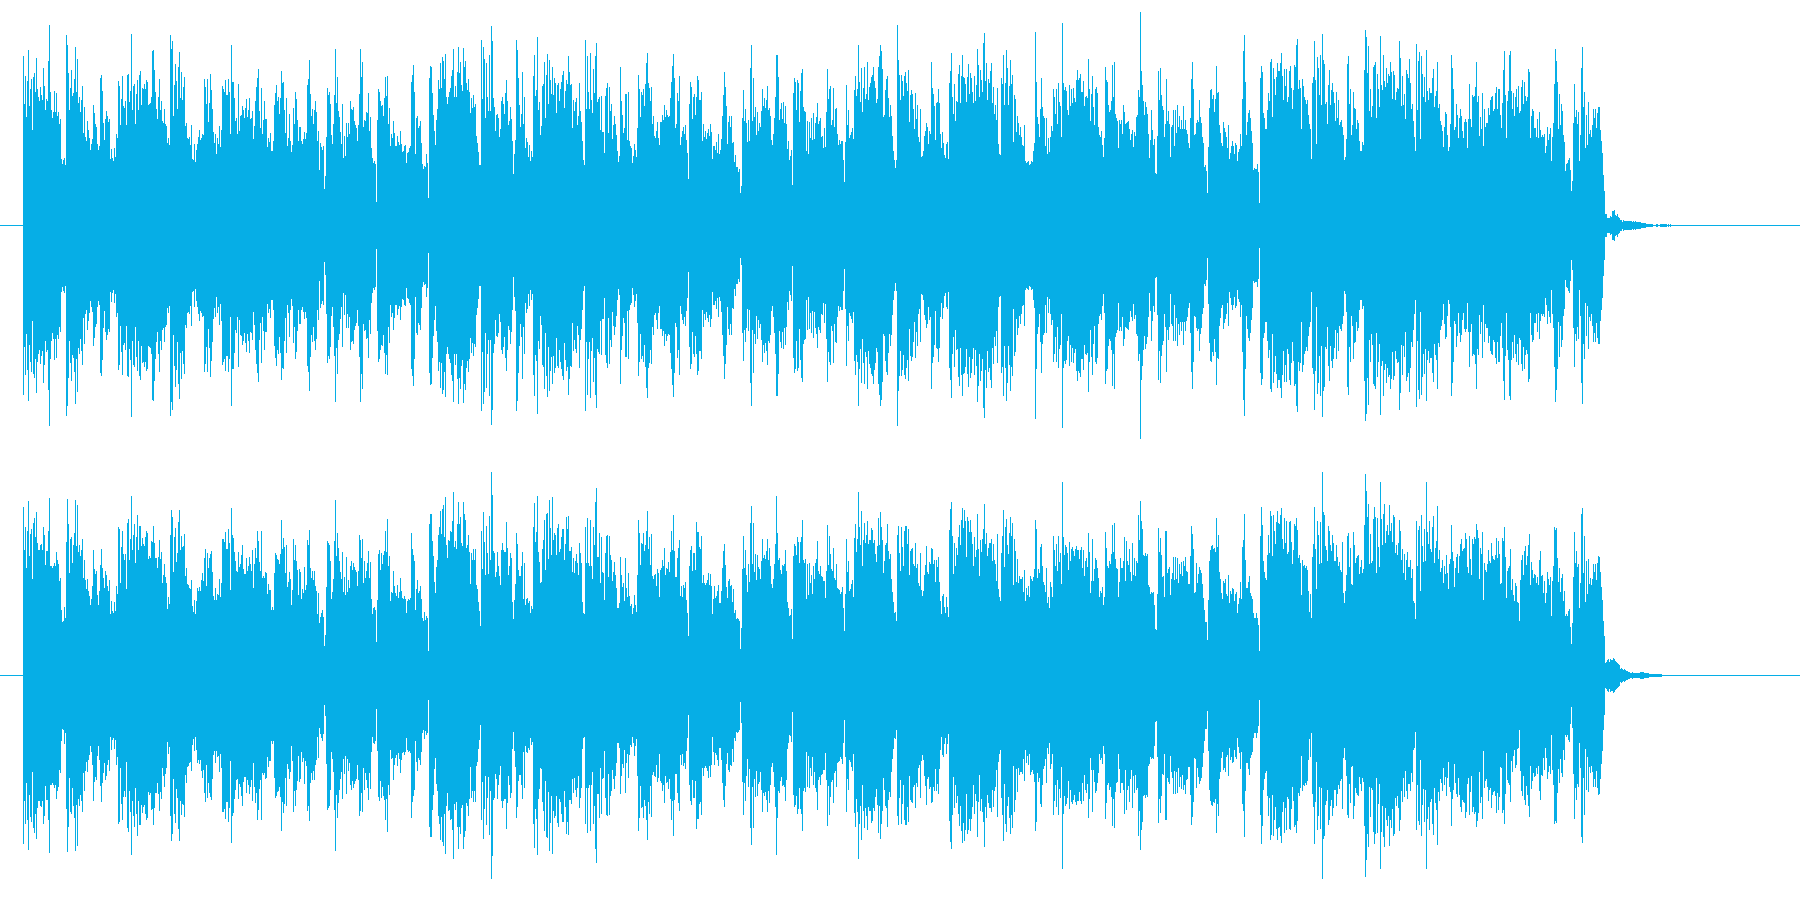 おとぎの国で聞くにぎやかな音楽の再生済みの波形